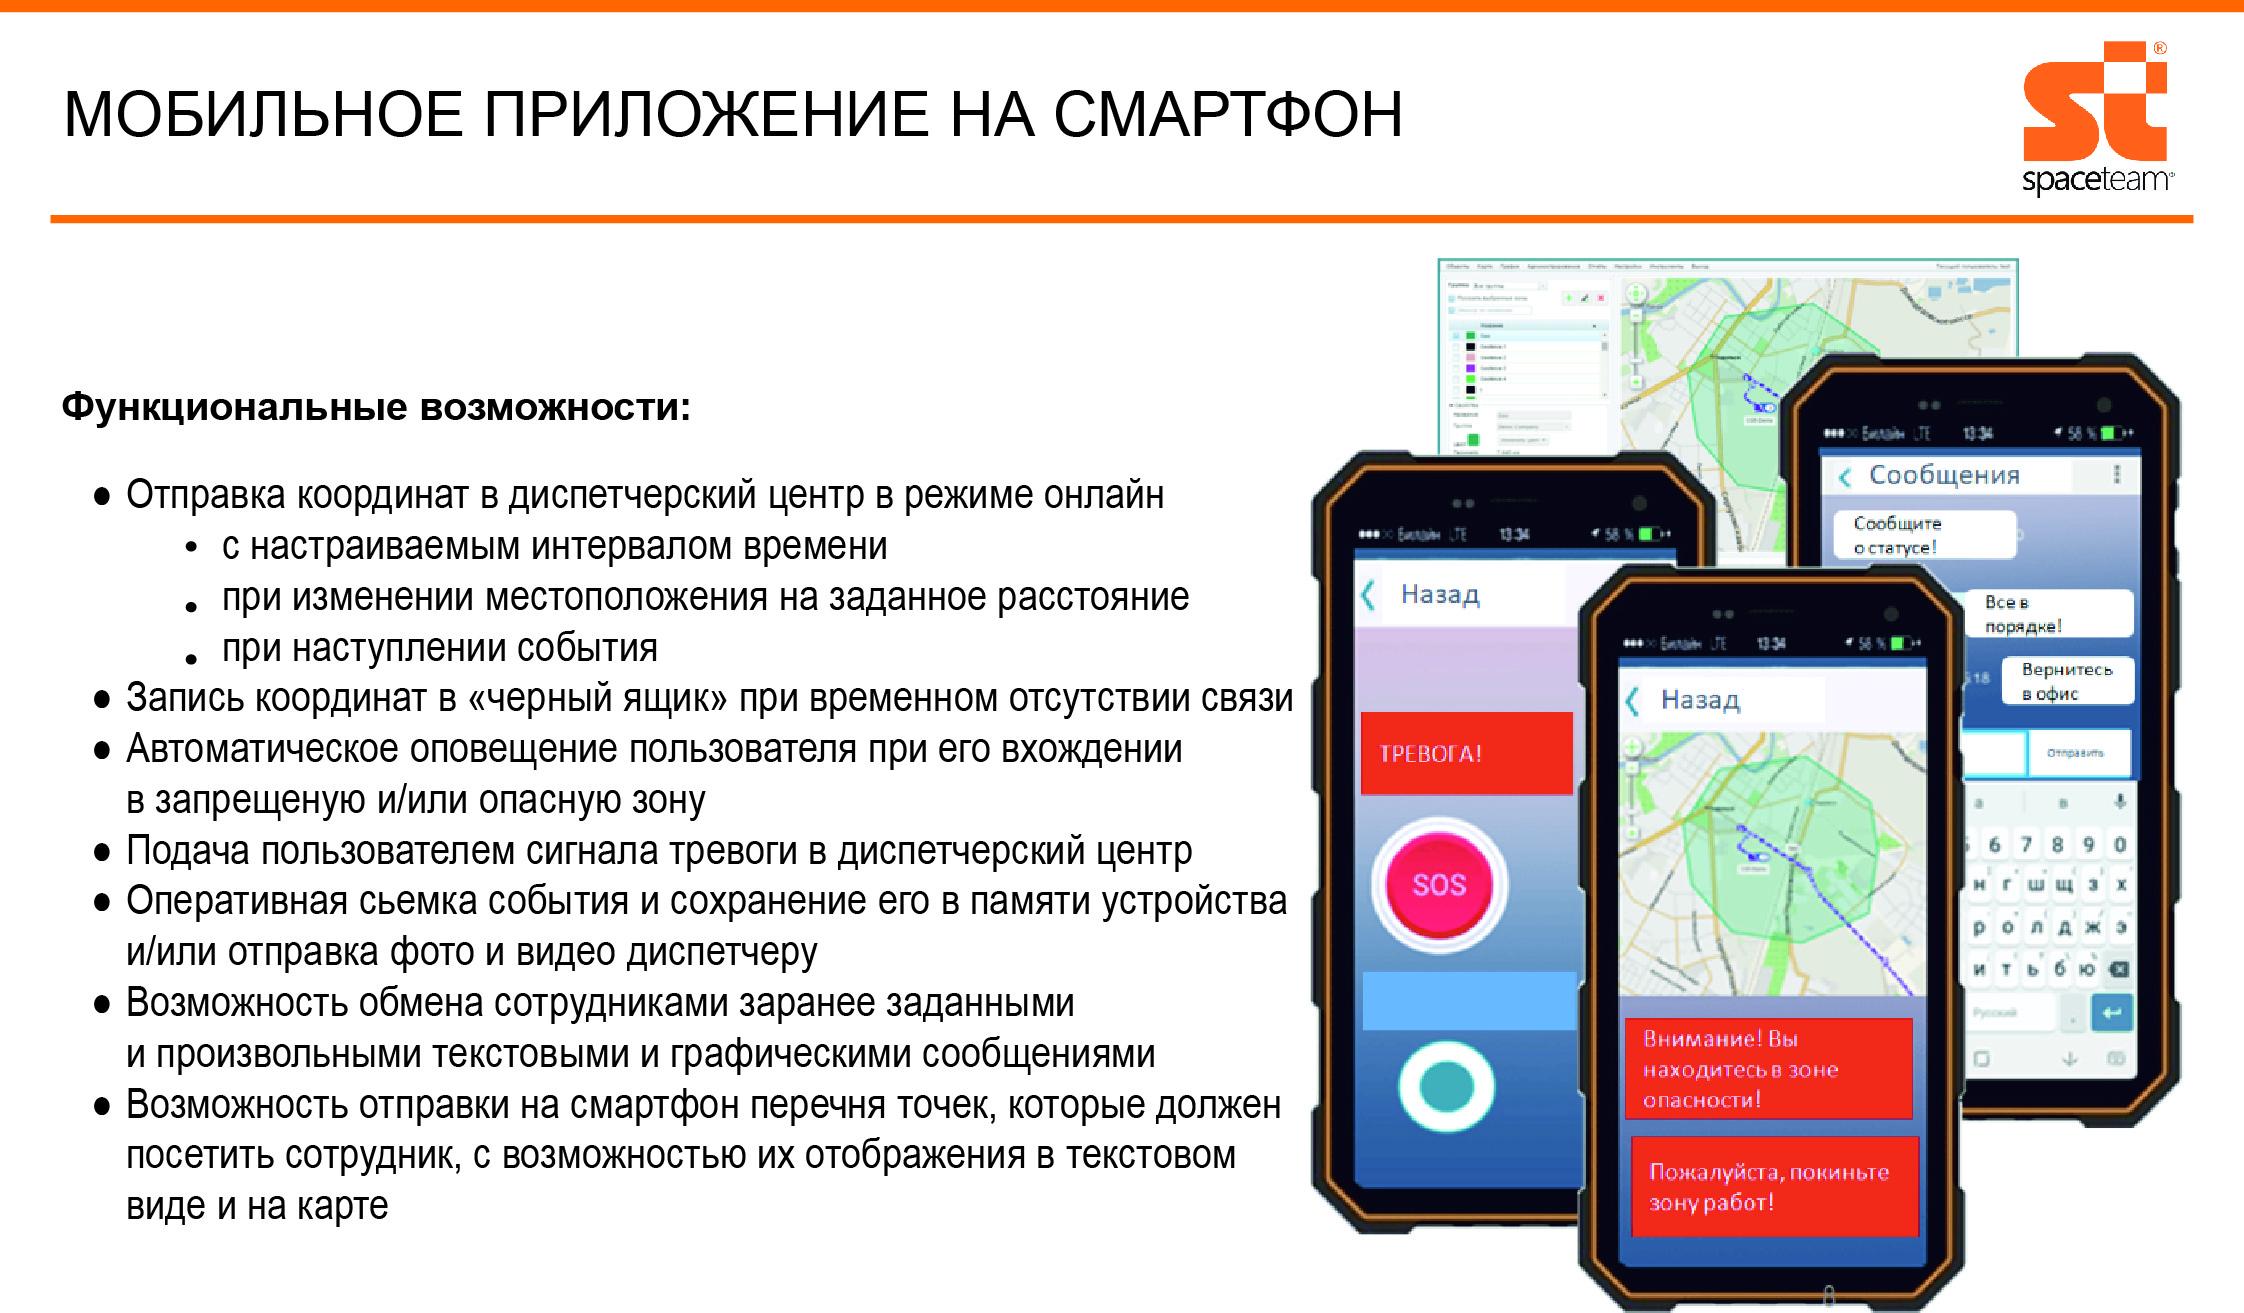 Персональное носимое устройство — смартфон с операционной системой (ОС) Android